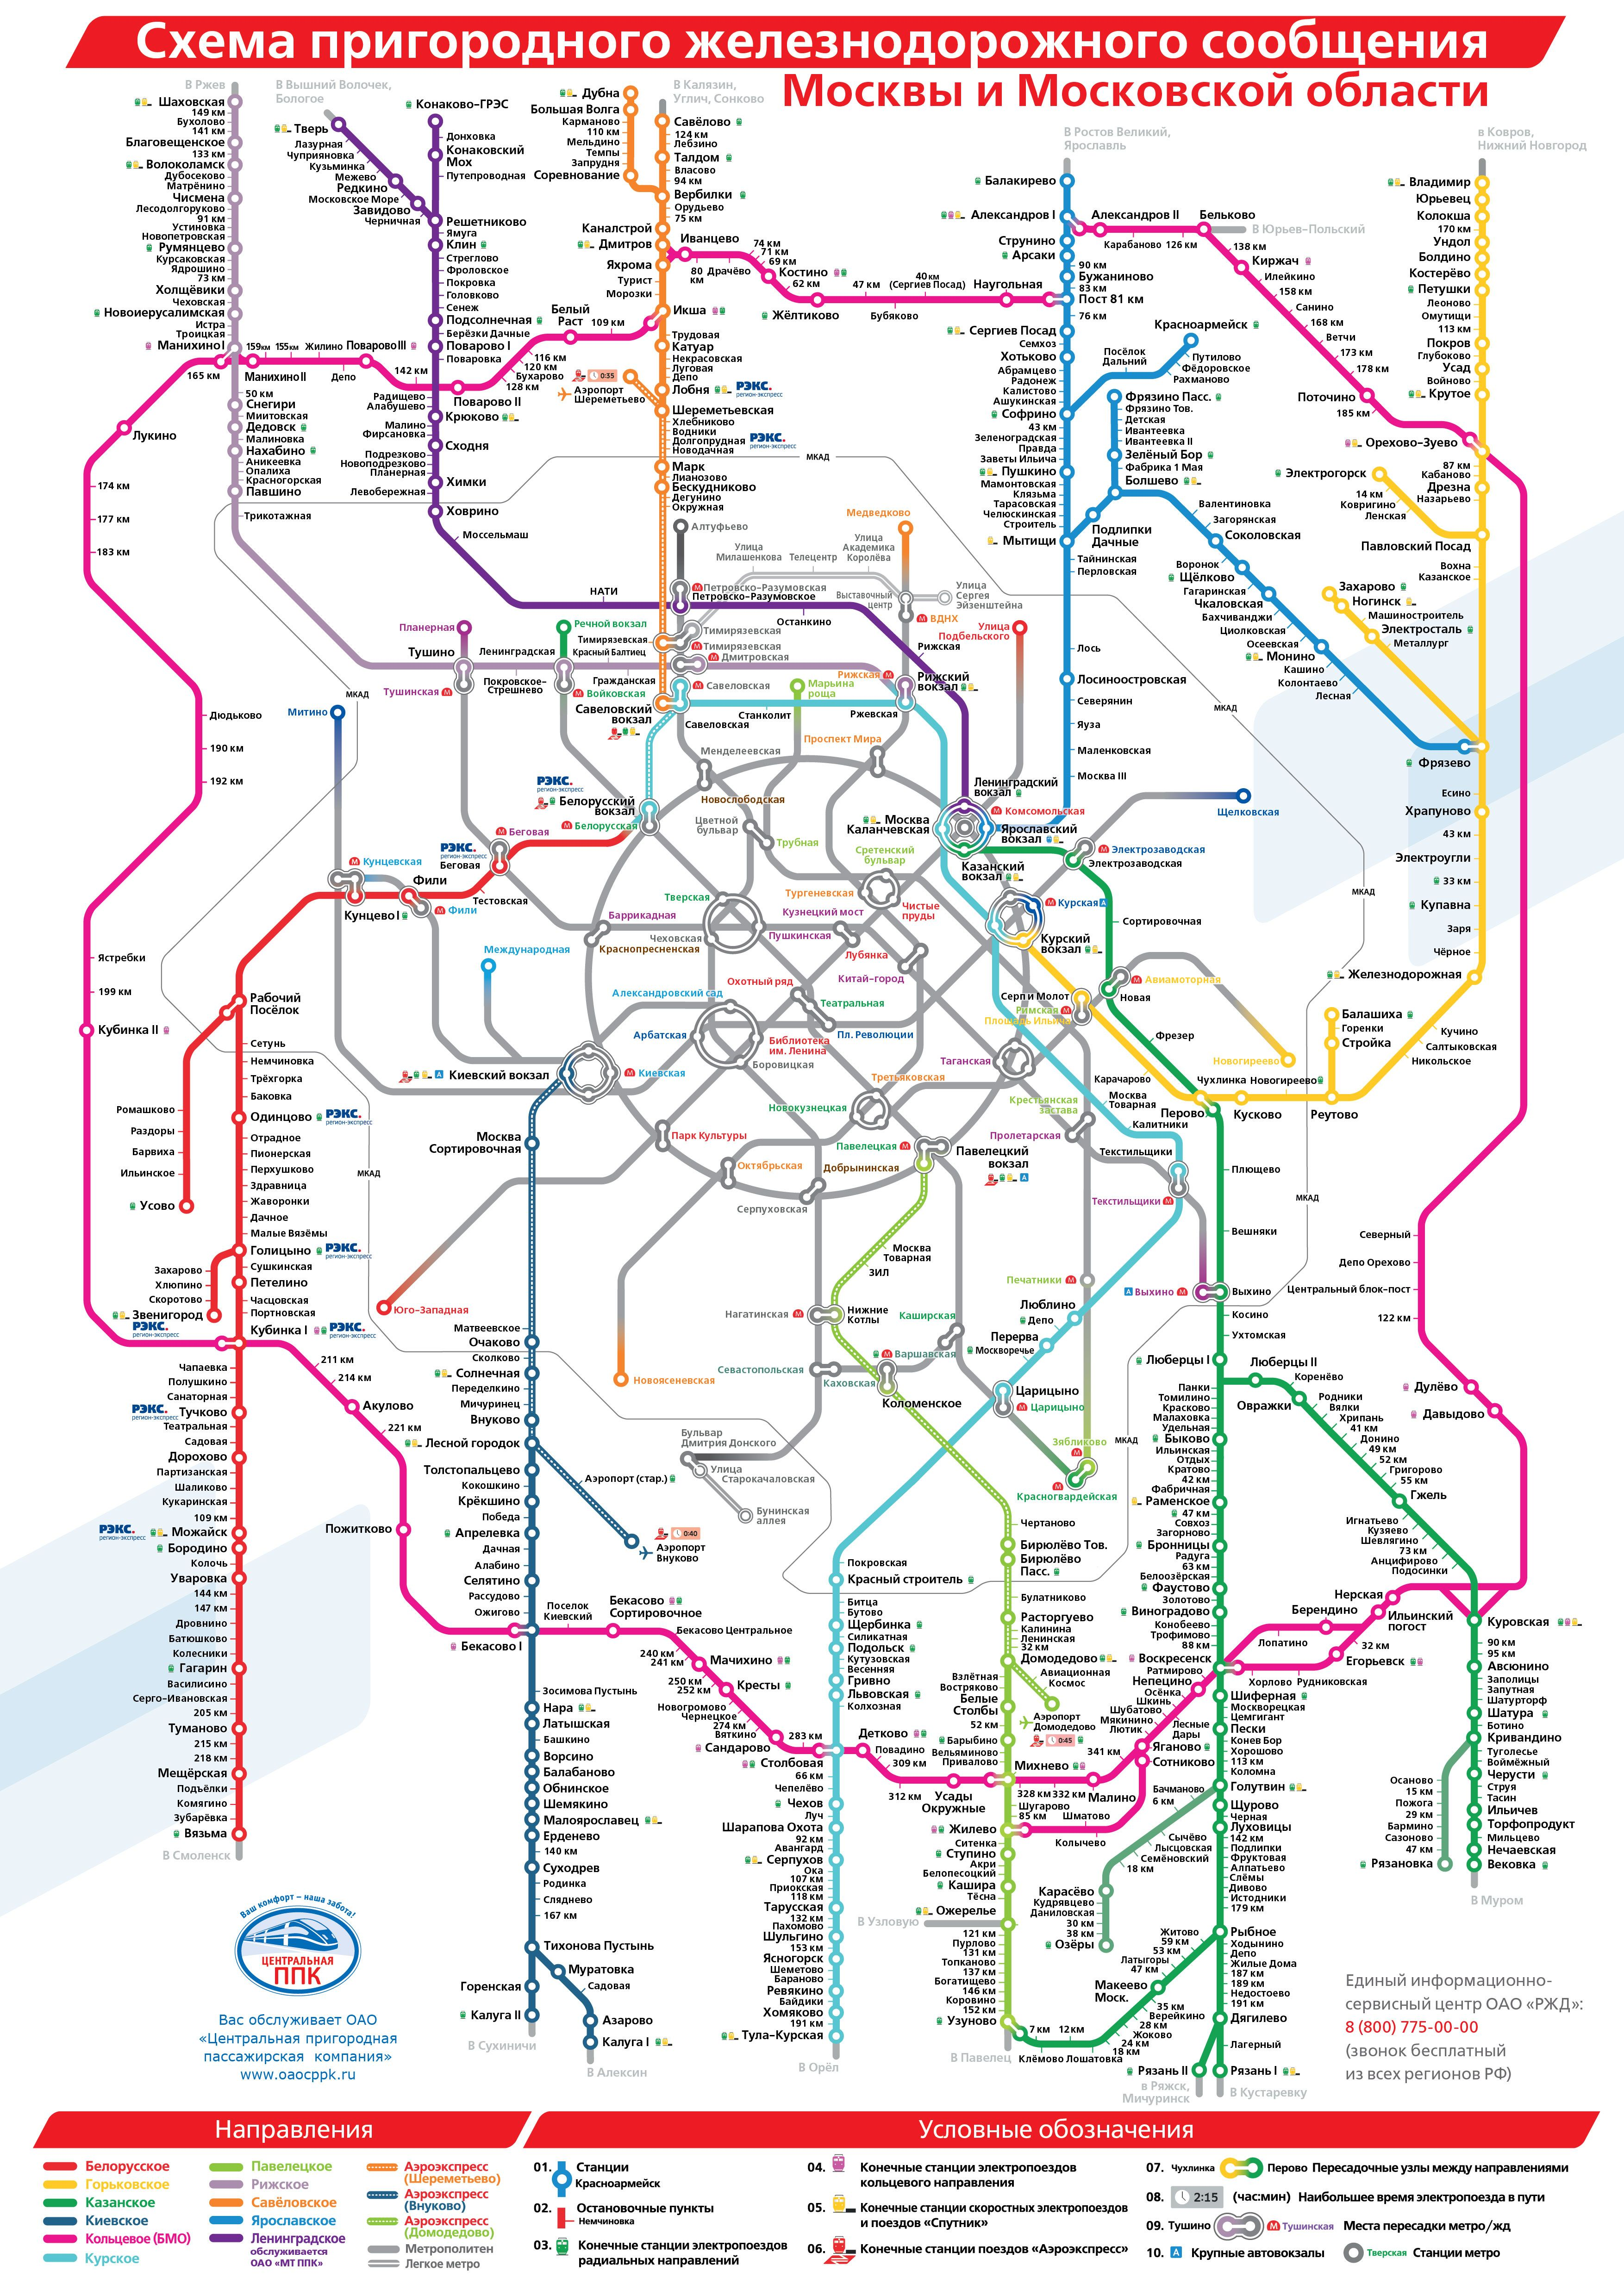 Схема пригородного транспорта Москвы и обРасти scheme navigation